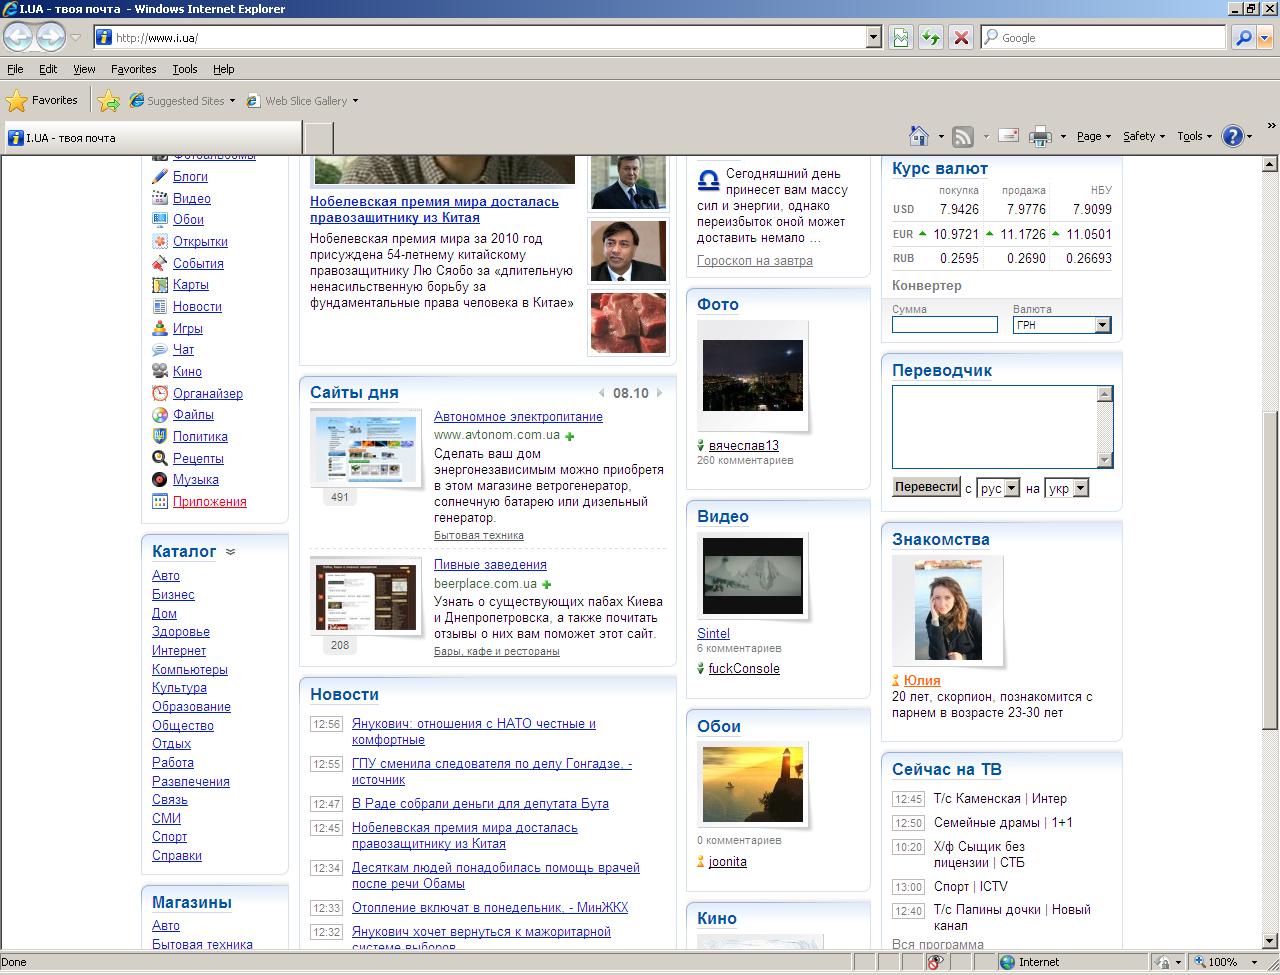 BeerPlace.com.ua - сайт дня на портале I.UA